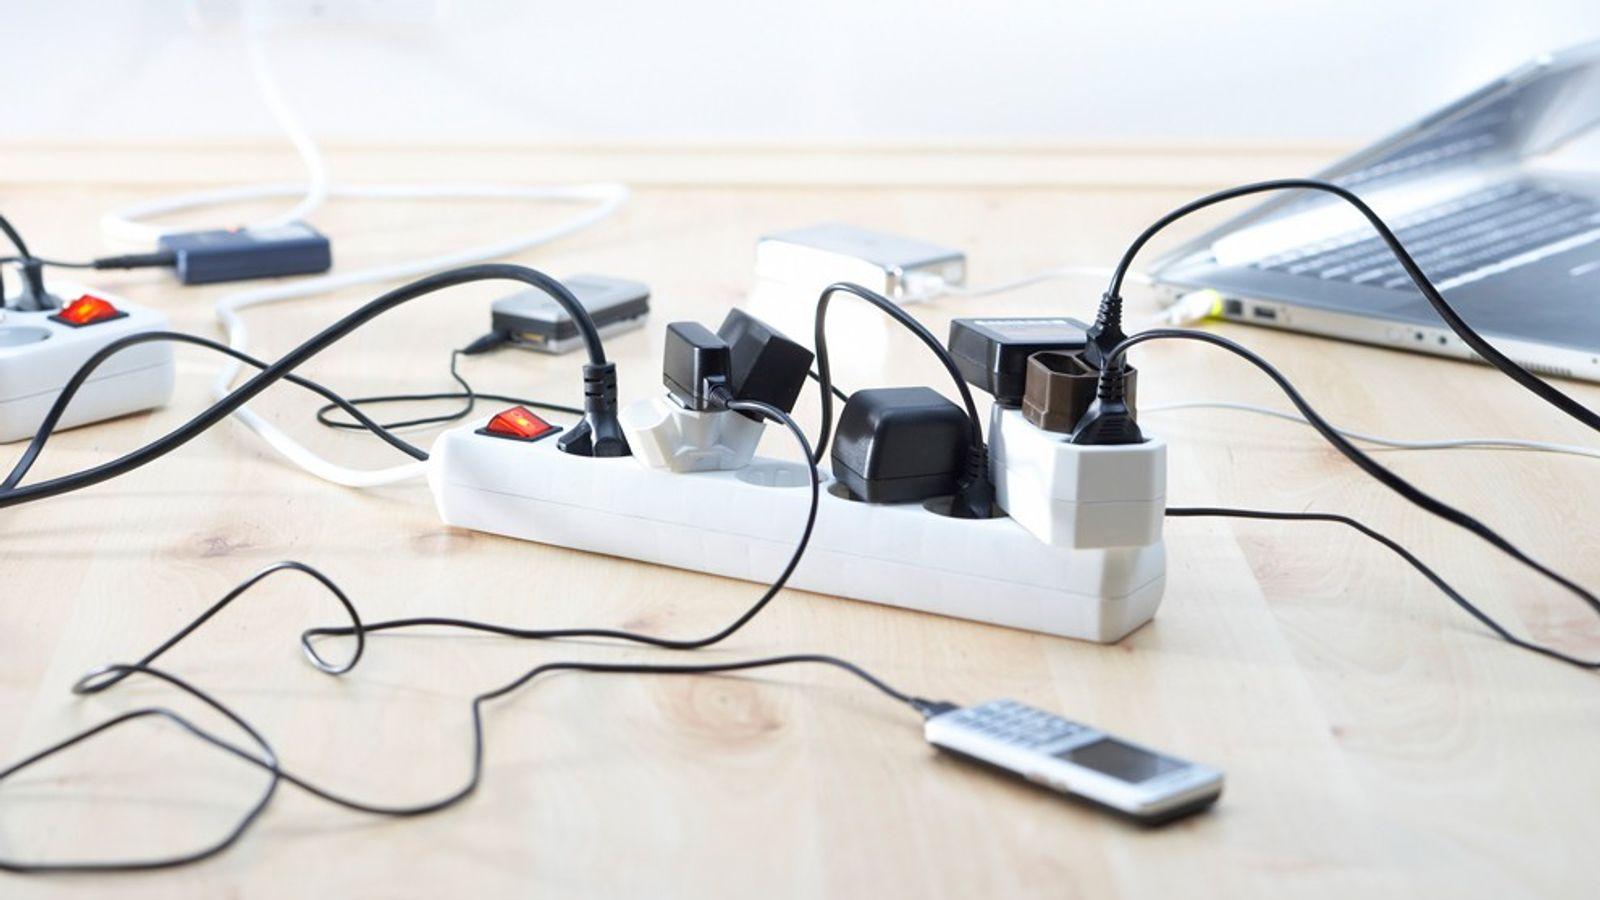 Beaucoup de gadgets et d'outils électroménager continuent de consommer de l'électricité même si ils ne sont ...